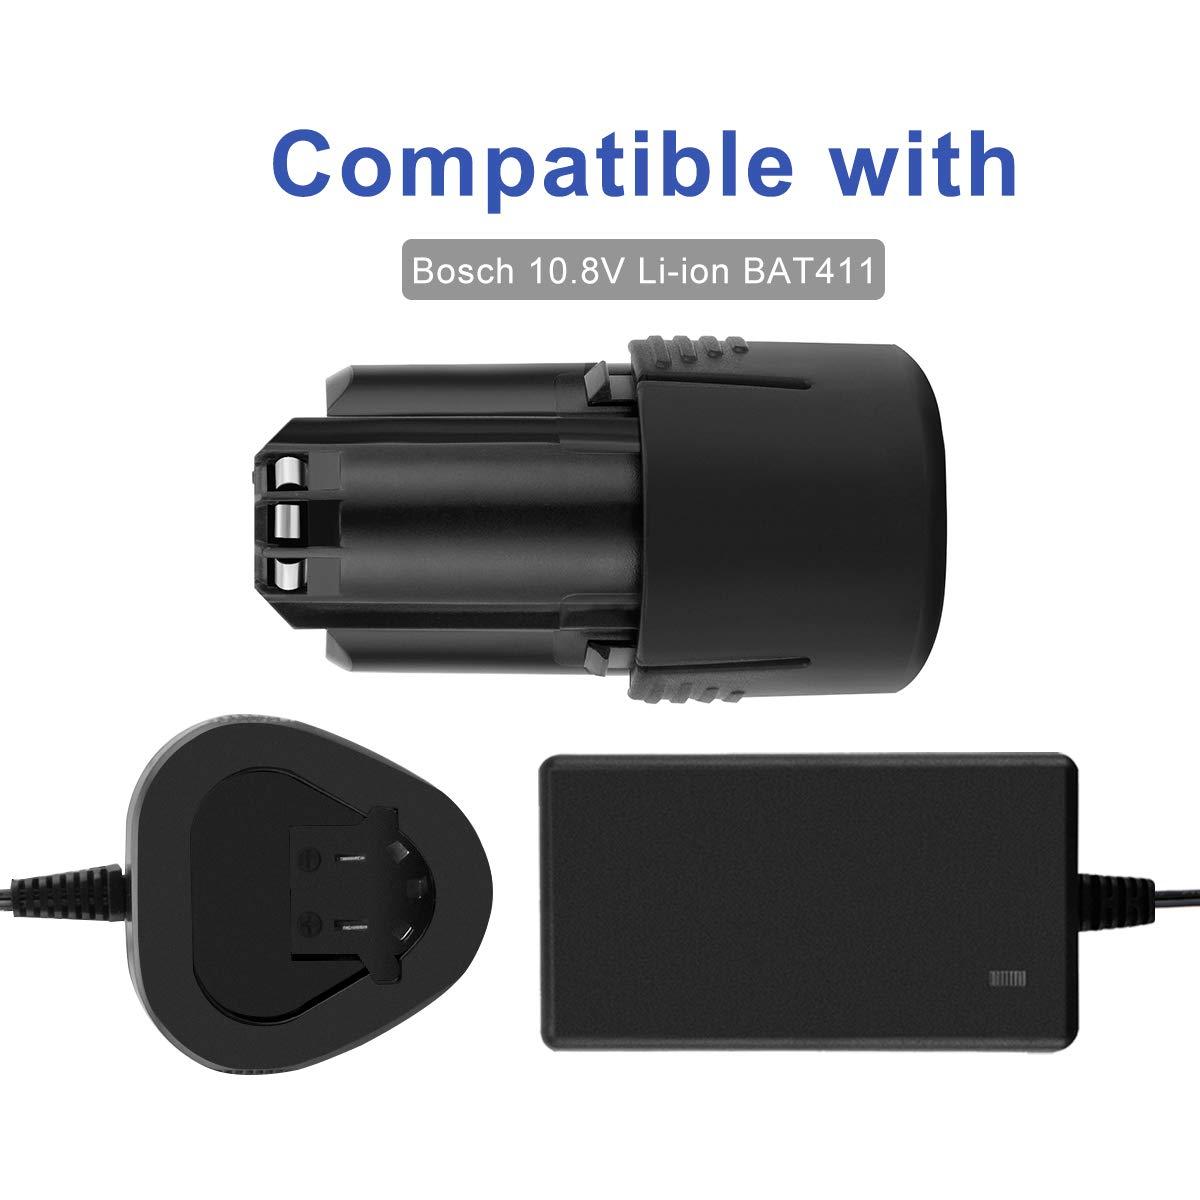 No para bater/ías de ion de Ni-MH//Ni-Cd Exmate 10.8V Cargador Compatible con Bosch BAT411 10.8V Bater/ía de Litio